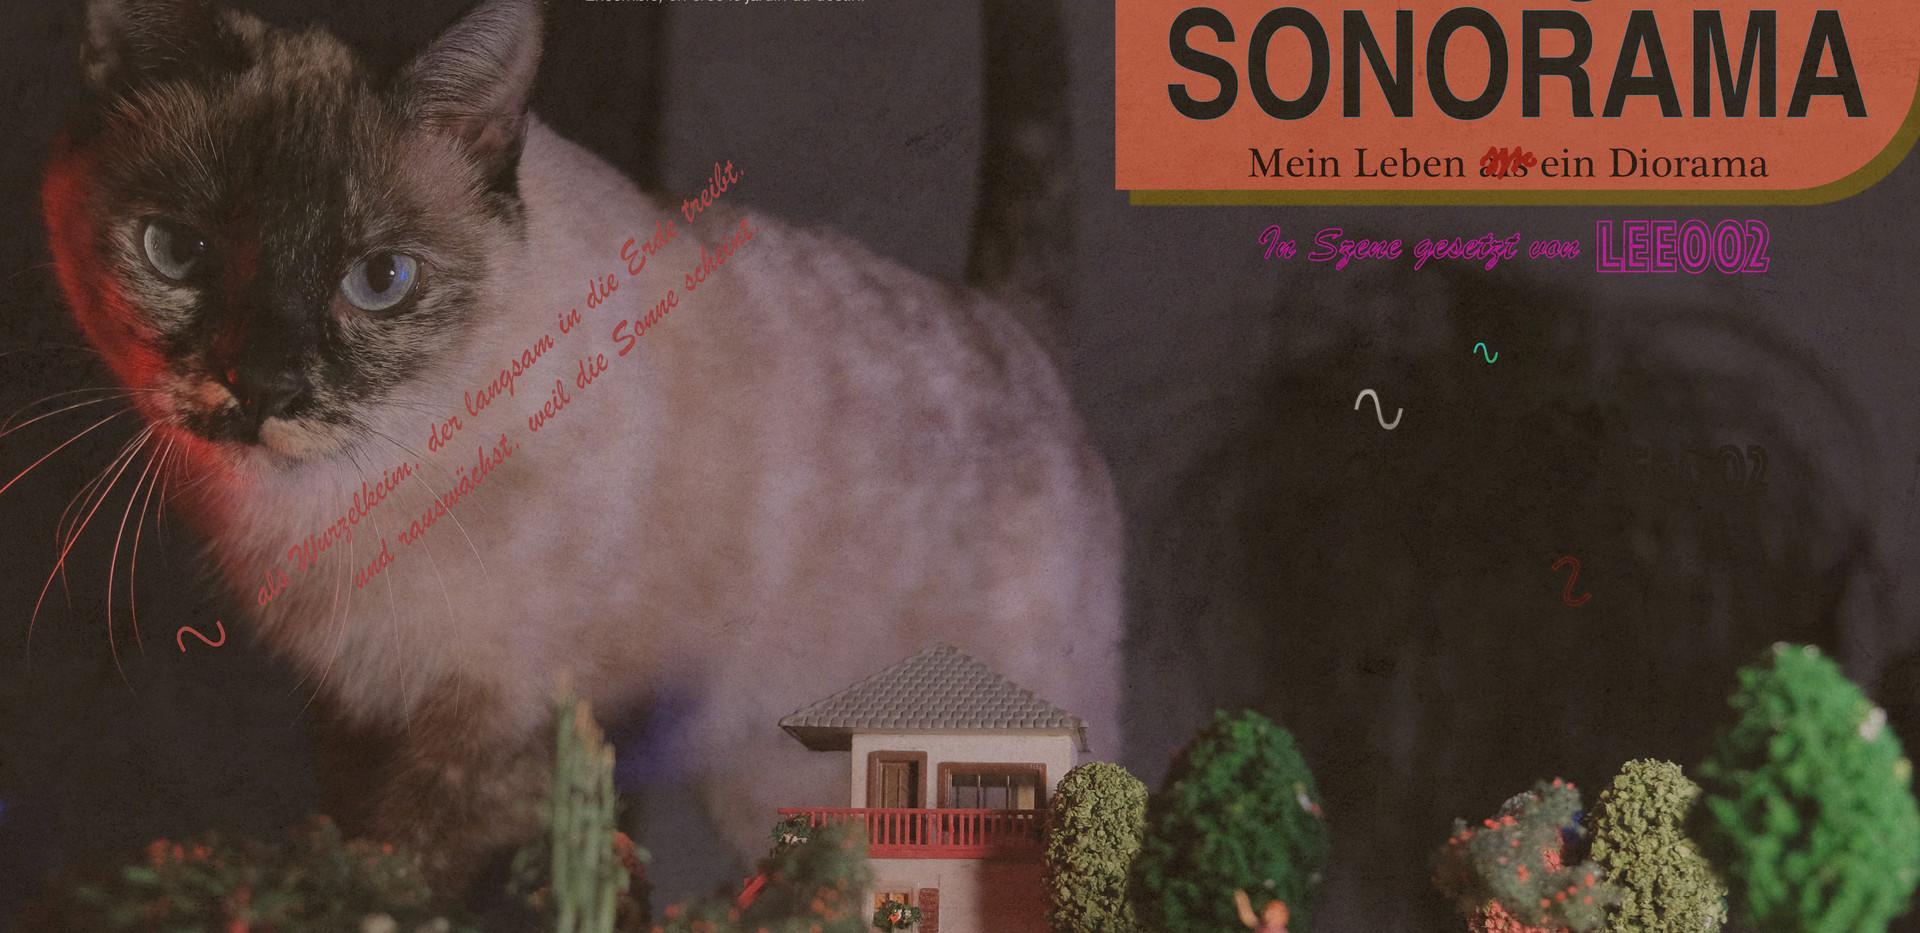 Meta Müller: sonorama. Mein Leben ein Diorama